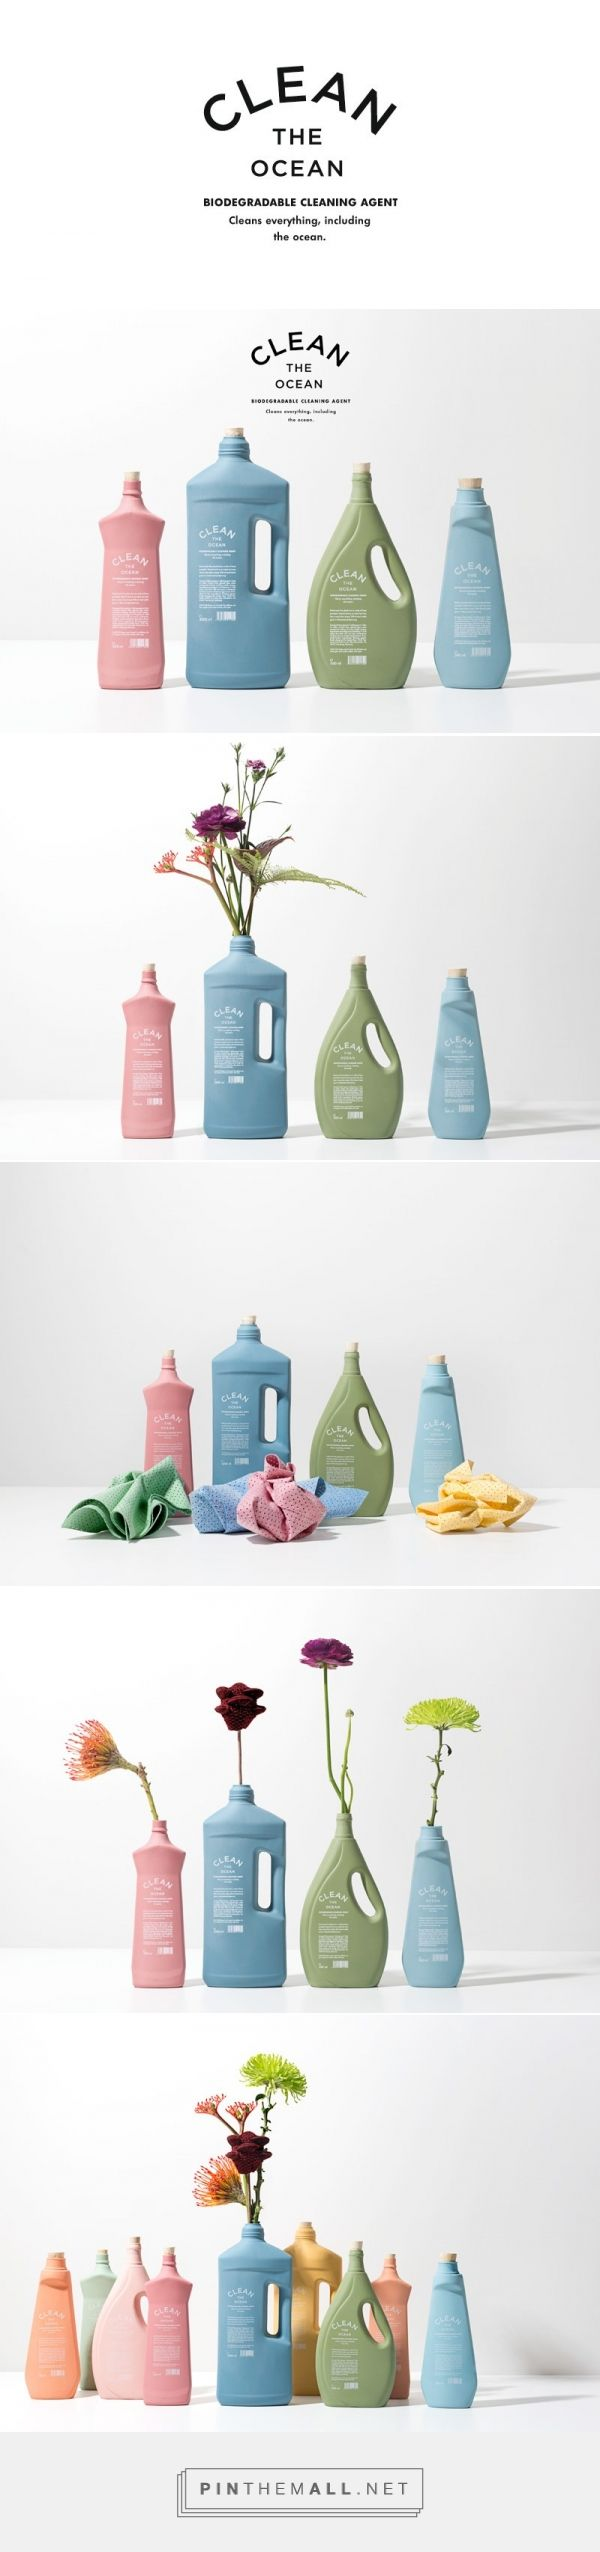 Les packaging et les produits d'entretien : une histoire qui sent bon – Blog Shane... - a grouped images picture - Pin Them All